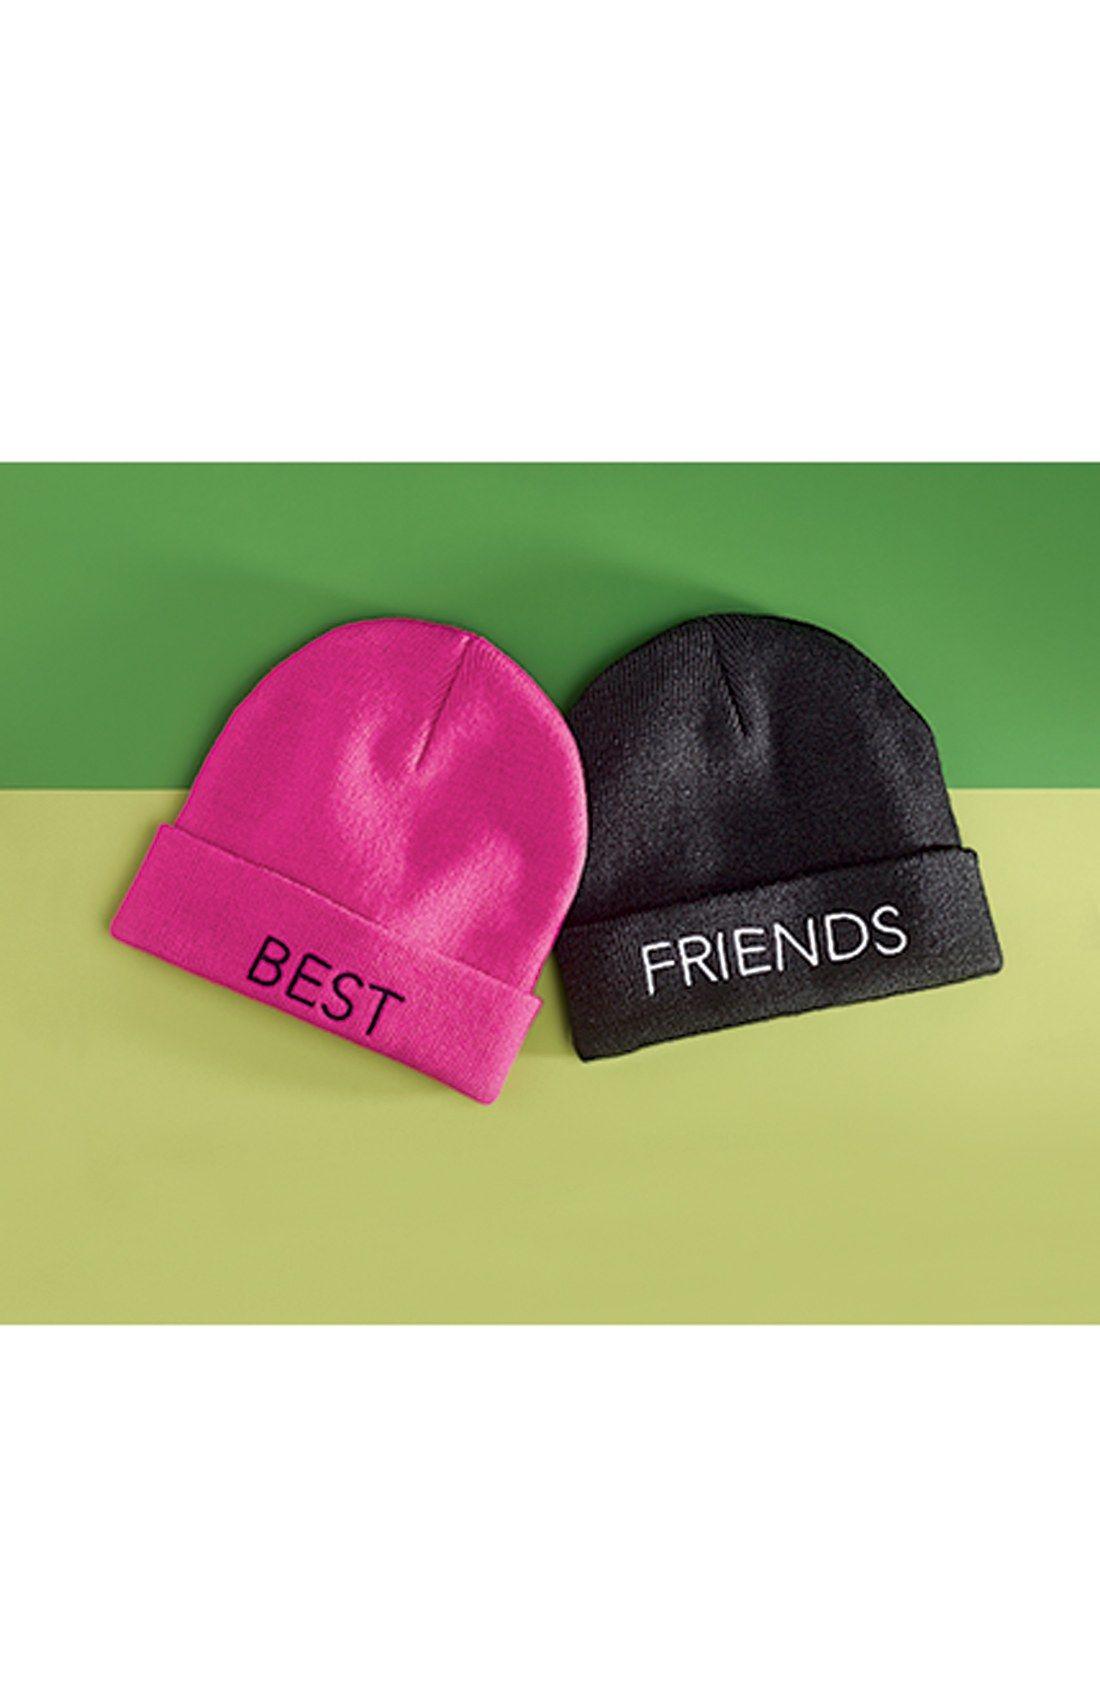 e8a0a4a0 Beanie for your bestie. | Holiday | Beanie, Cute beanies, Cute outfits